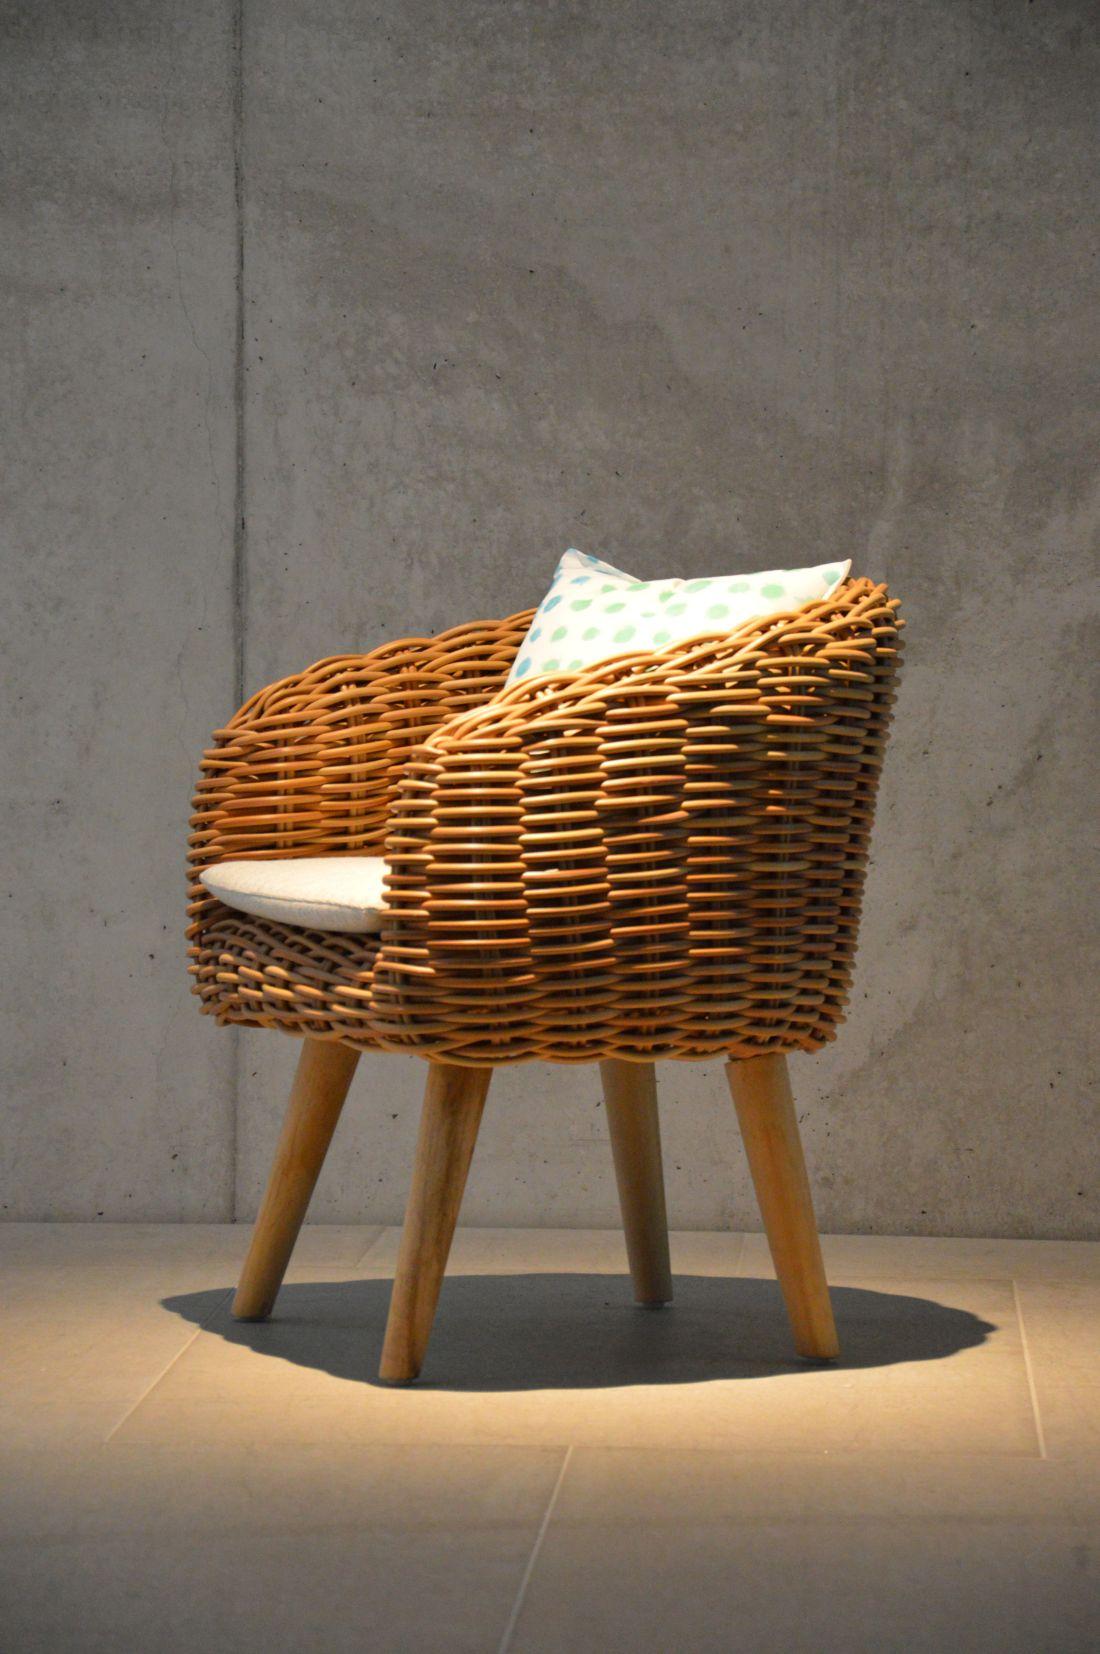 16ksl-living-fauteuil-forme-crapaud-en-rotin-synthetique-pour-interieur-exterieur-coloris-miel-springfield-par-jankurtz.jpg